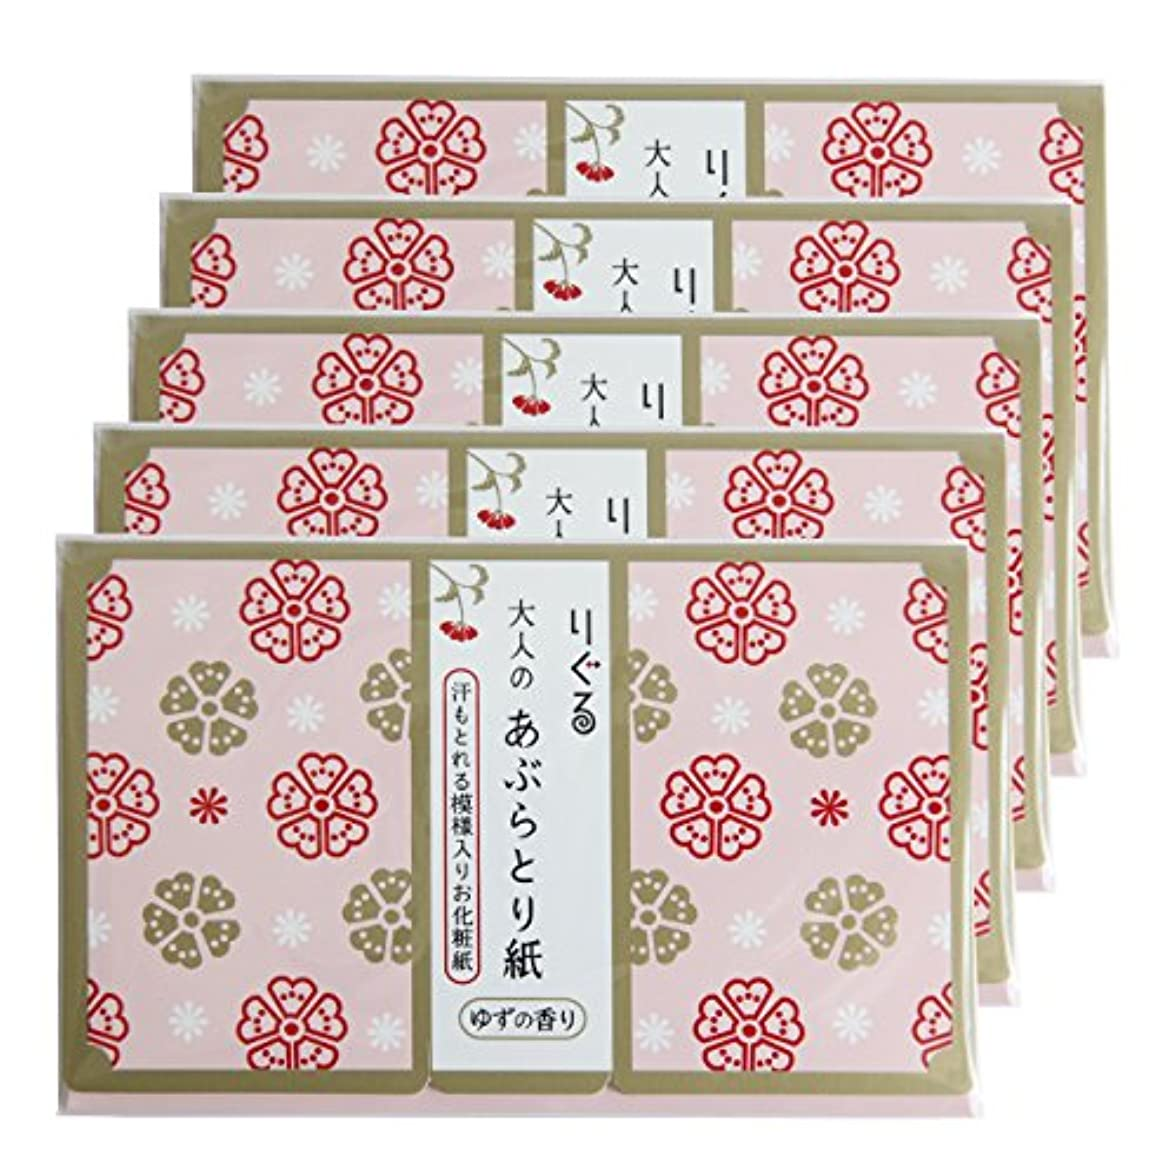 熟練したバターシフトりぐる 大人のあぶらとり紙 使うたびにうれしくなる ちょっと贅沢な高知県産ゆずの香りのあぶらとり紙(30枚入り) (5p)